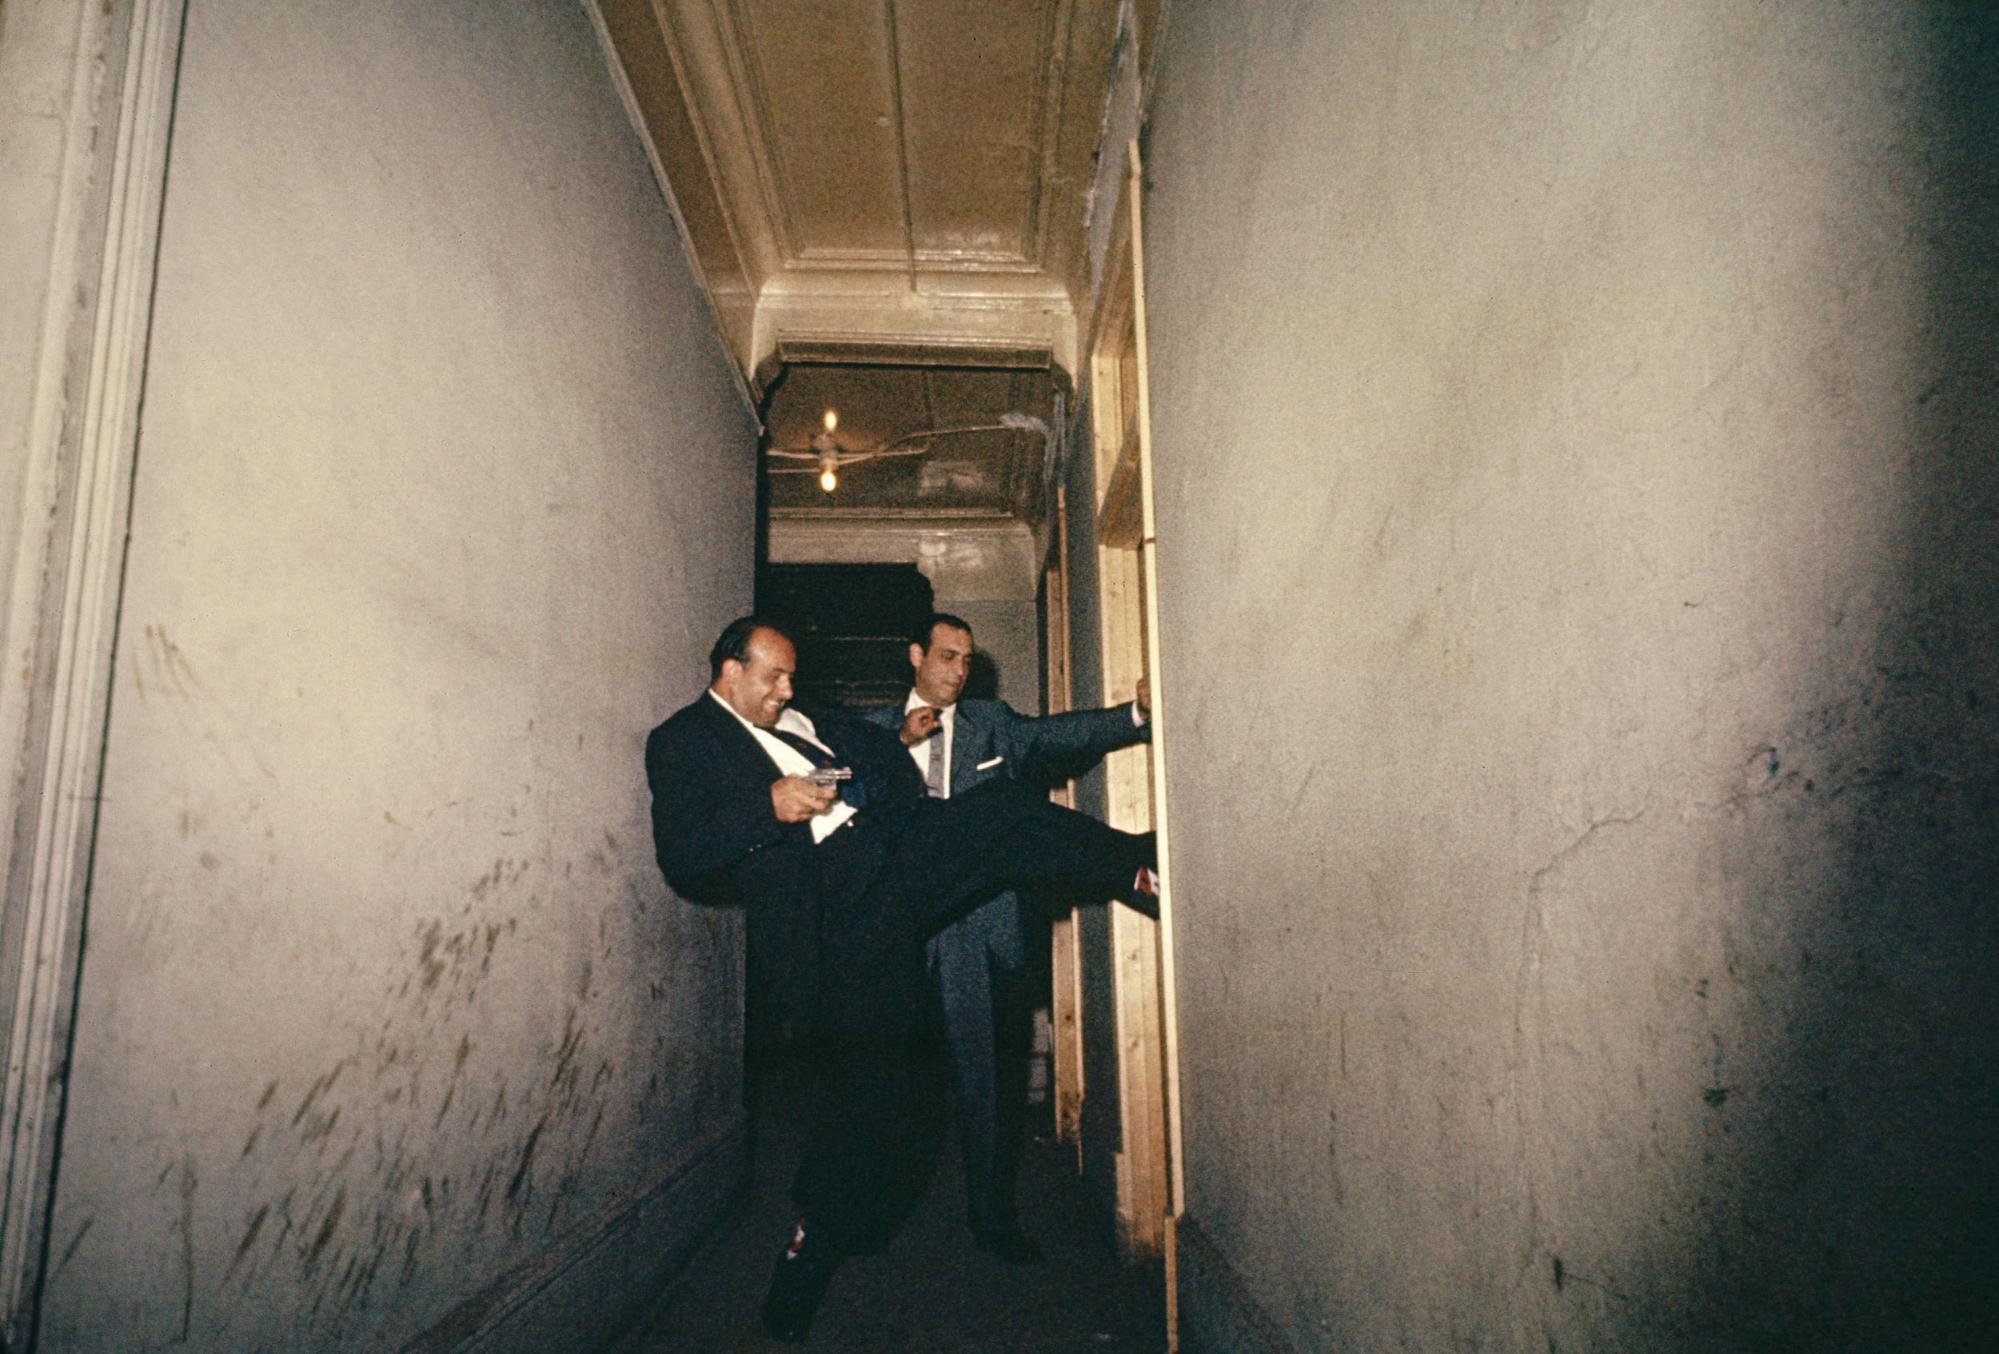 Raiding Detectives, Chicago, Illinois, 1957 © Gordon Parks